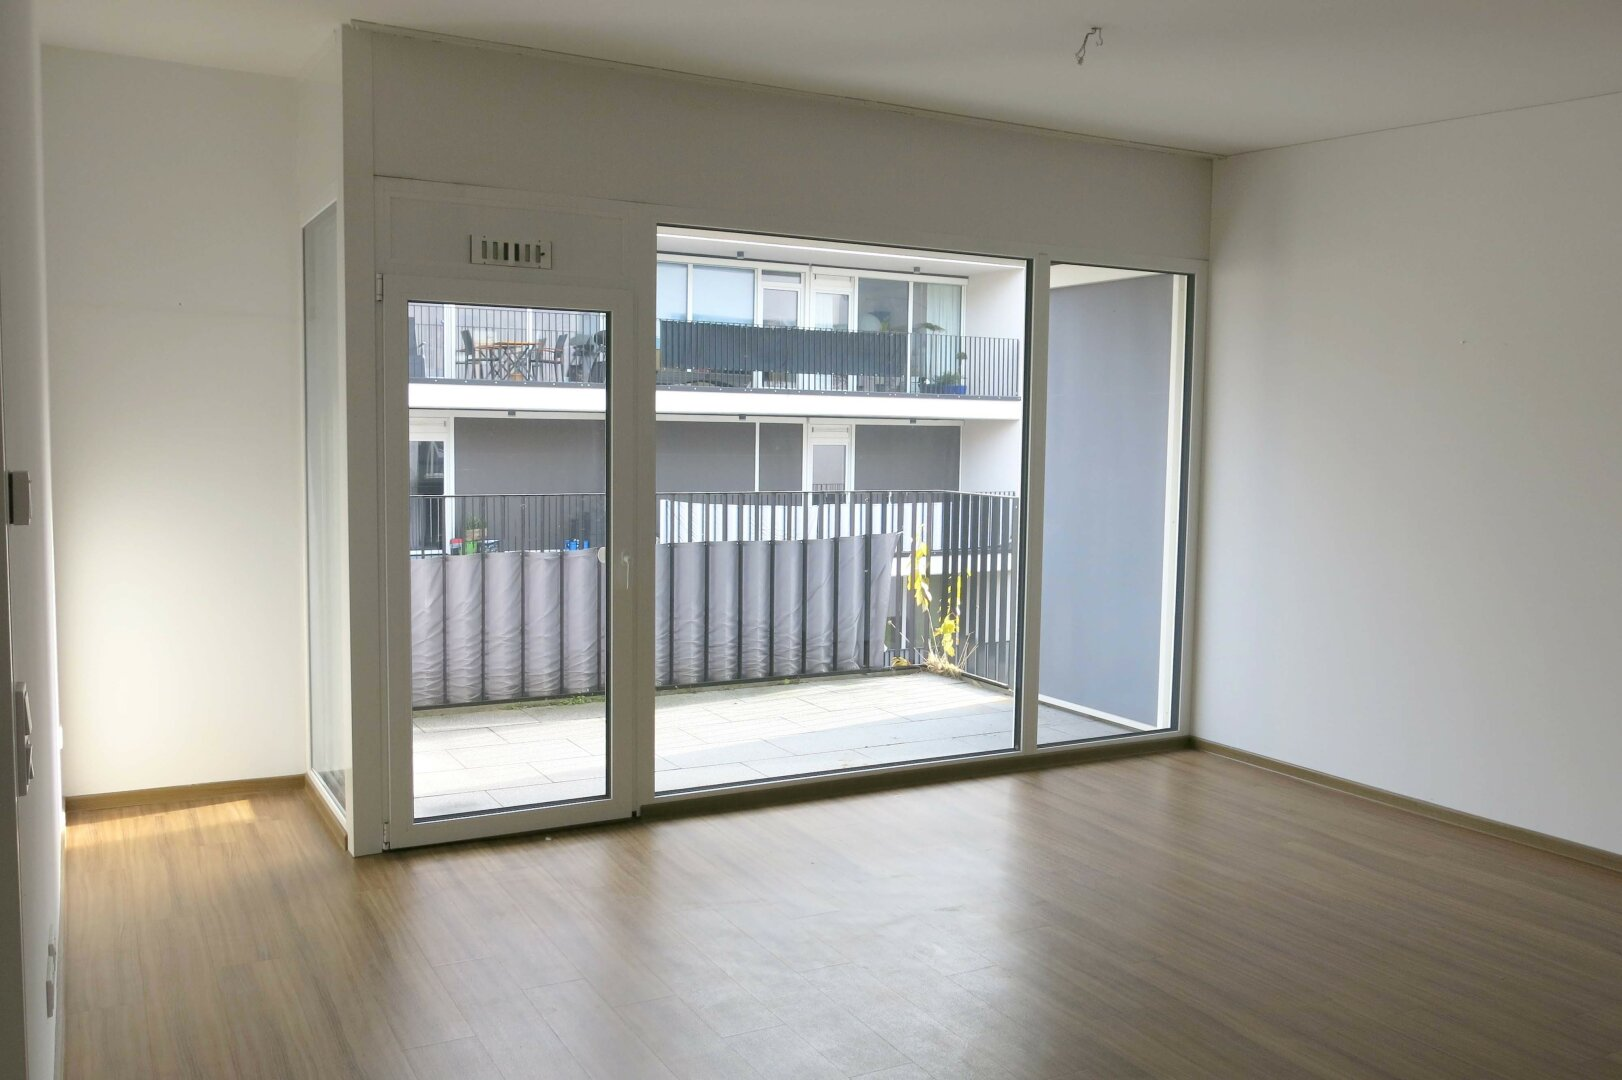 3-Zimmer-Mietwohnung Kufstein Zentrum, Wohnzimmer, Balkon